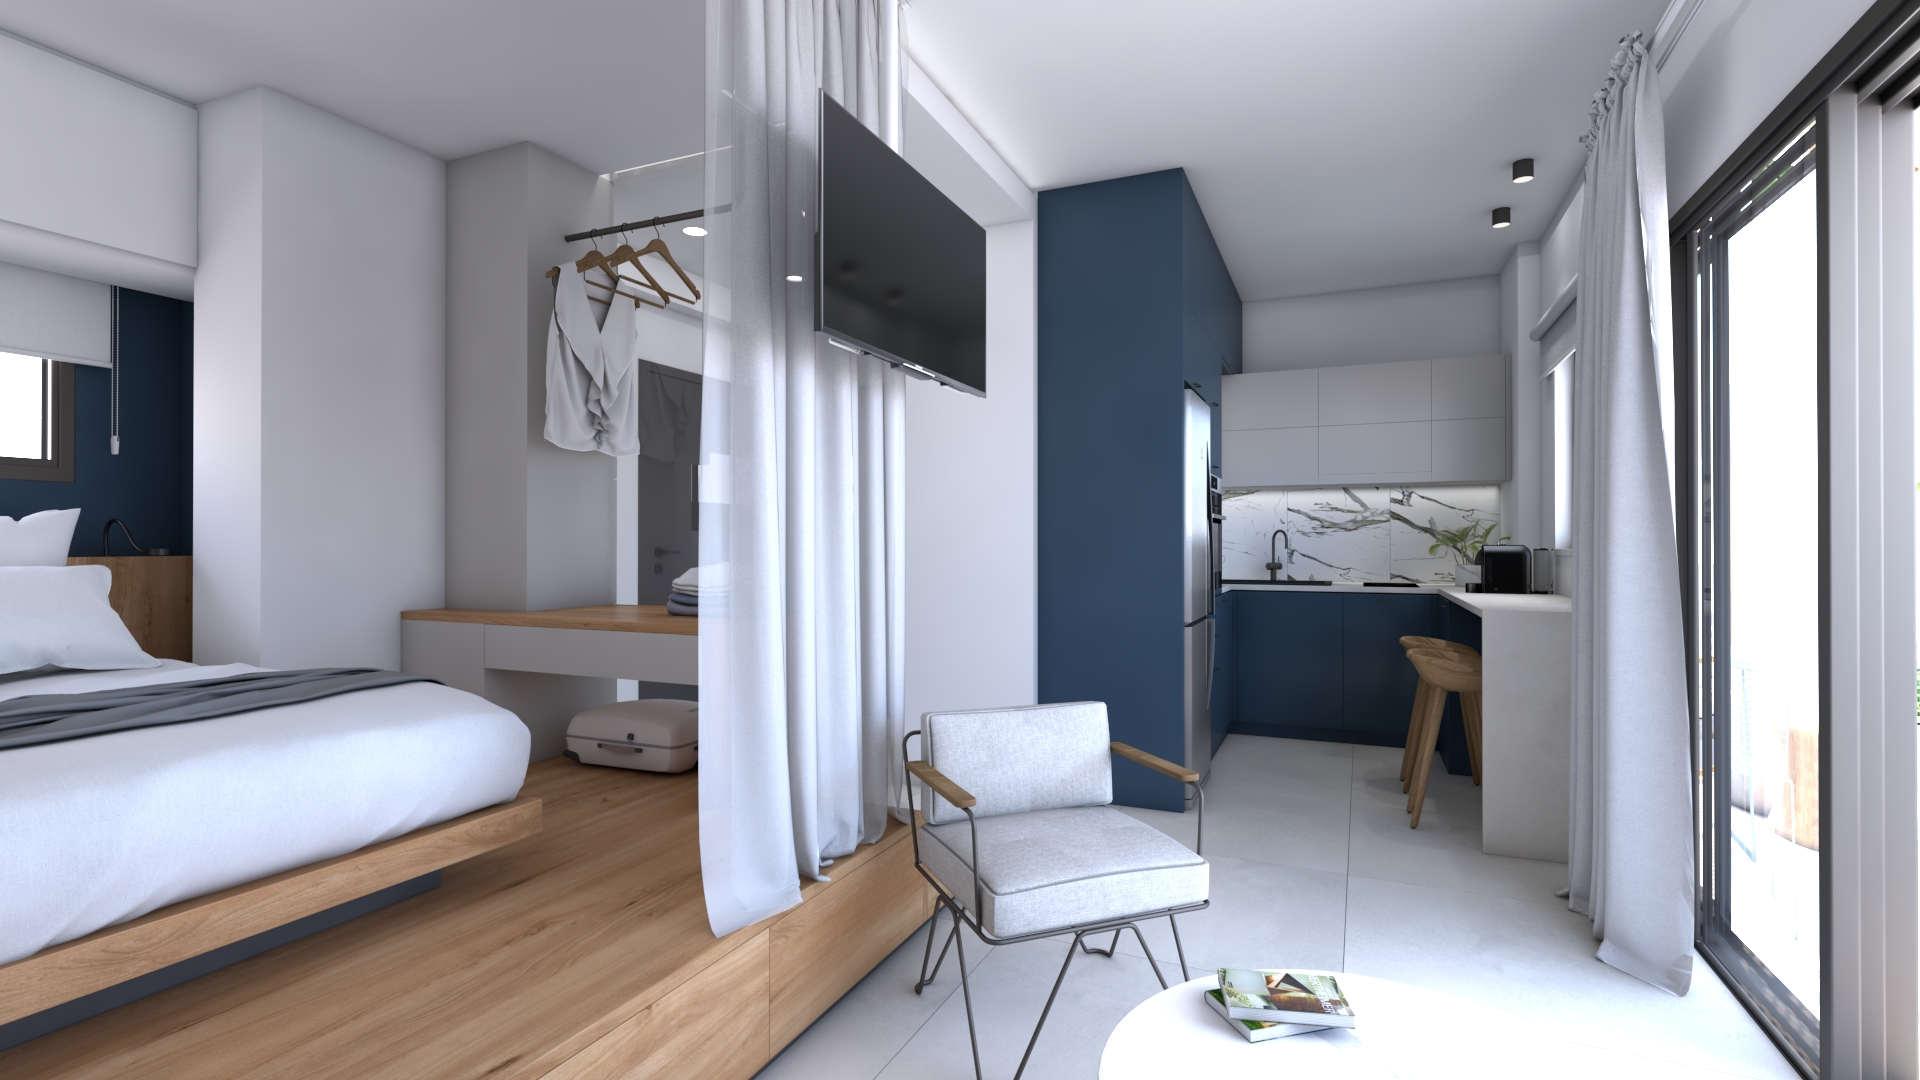 holiday apartment renovation,interior design, living space, kitchen, ανακαίνιση διαμερίσματος ημιδιαμονής, καθιστικό, κουζίνα